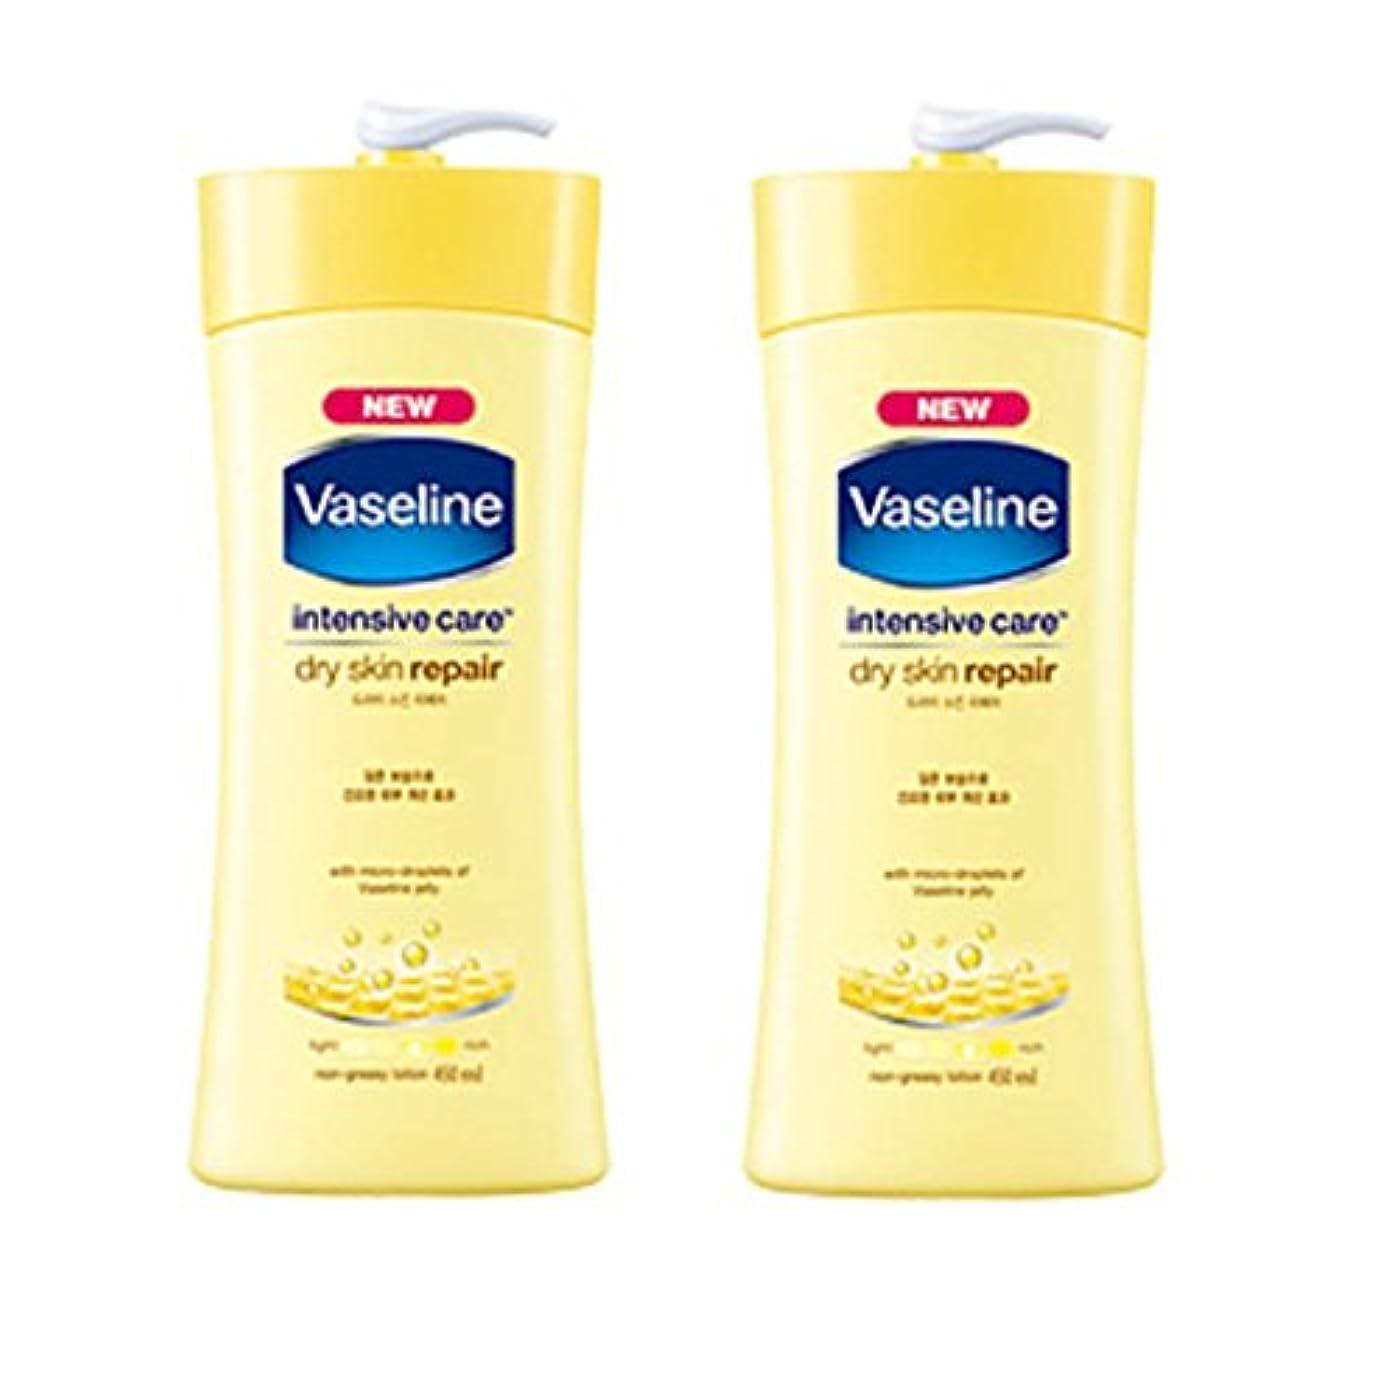 商品乱れ作成者ヴァセリン インテンシブケア ドライスキン リペアローション(Vaseline Intensive Care Dry Skin Repair Lotion) 450ml X 2個 [並行輸入品]